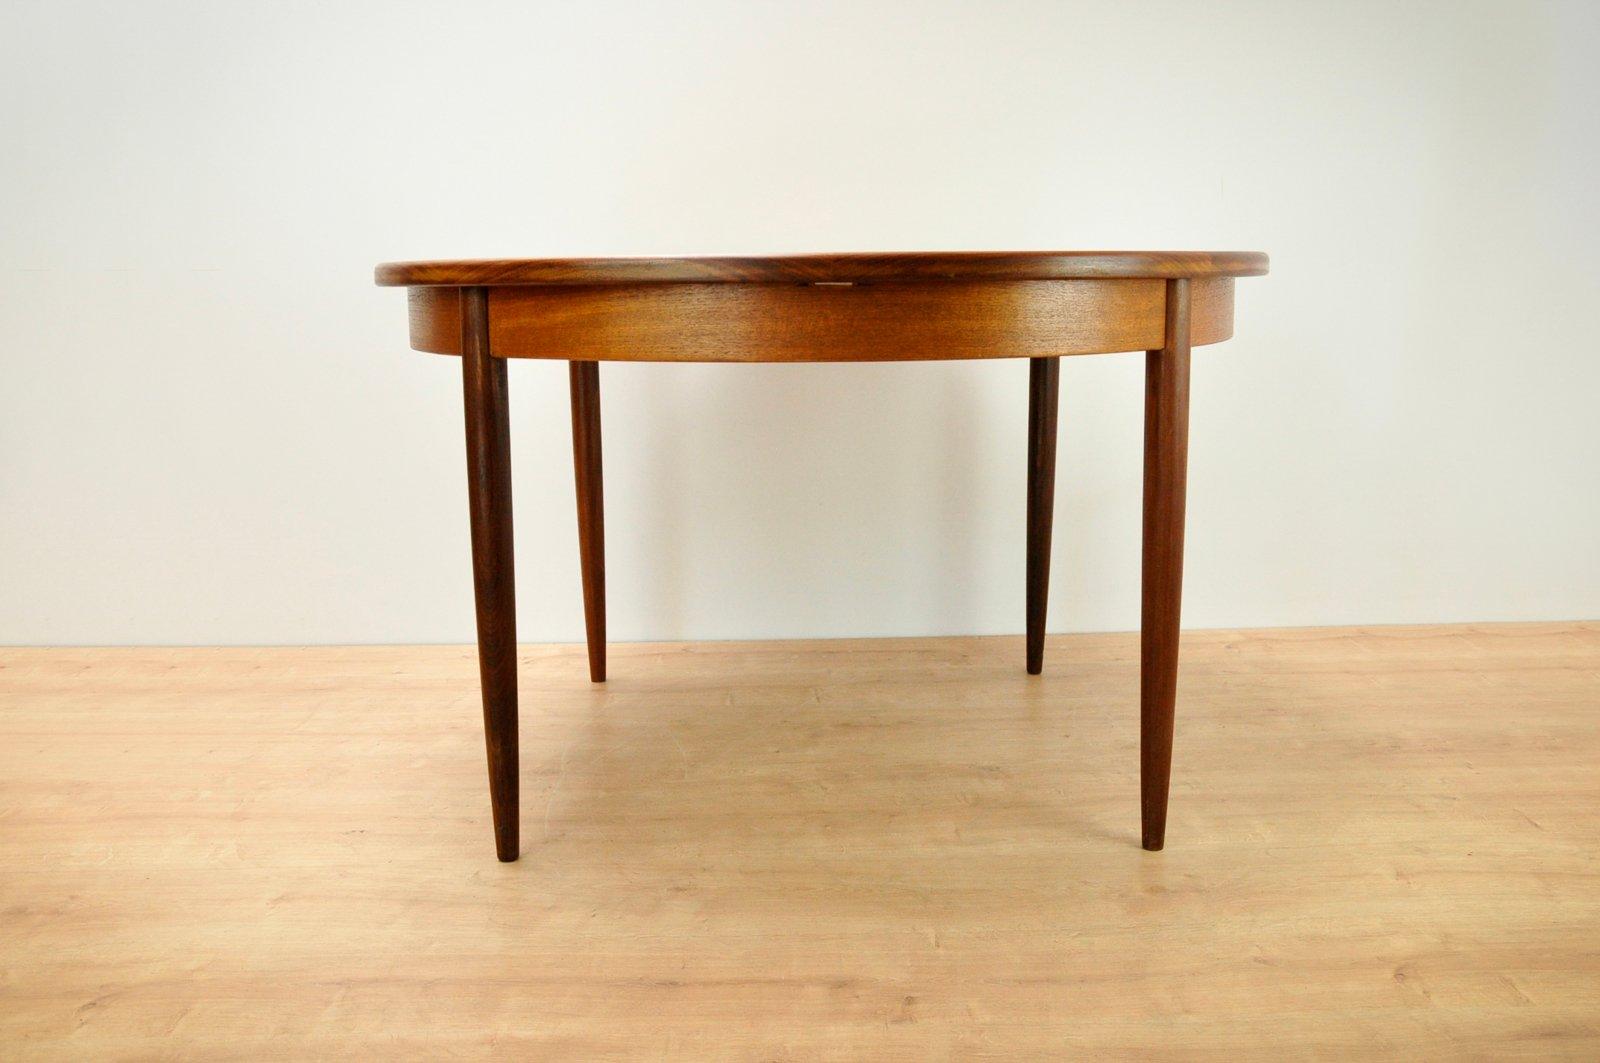 esstisch und 4 st hle von ib kofod larsen f r g plan 1960er bei pamono kaufen. Black Bedroom Furniture Sets. Home Design Ideas